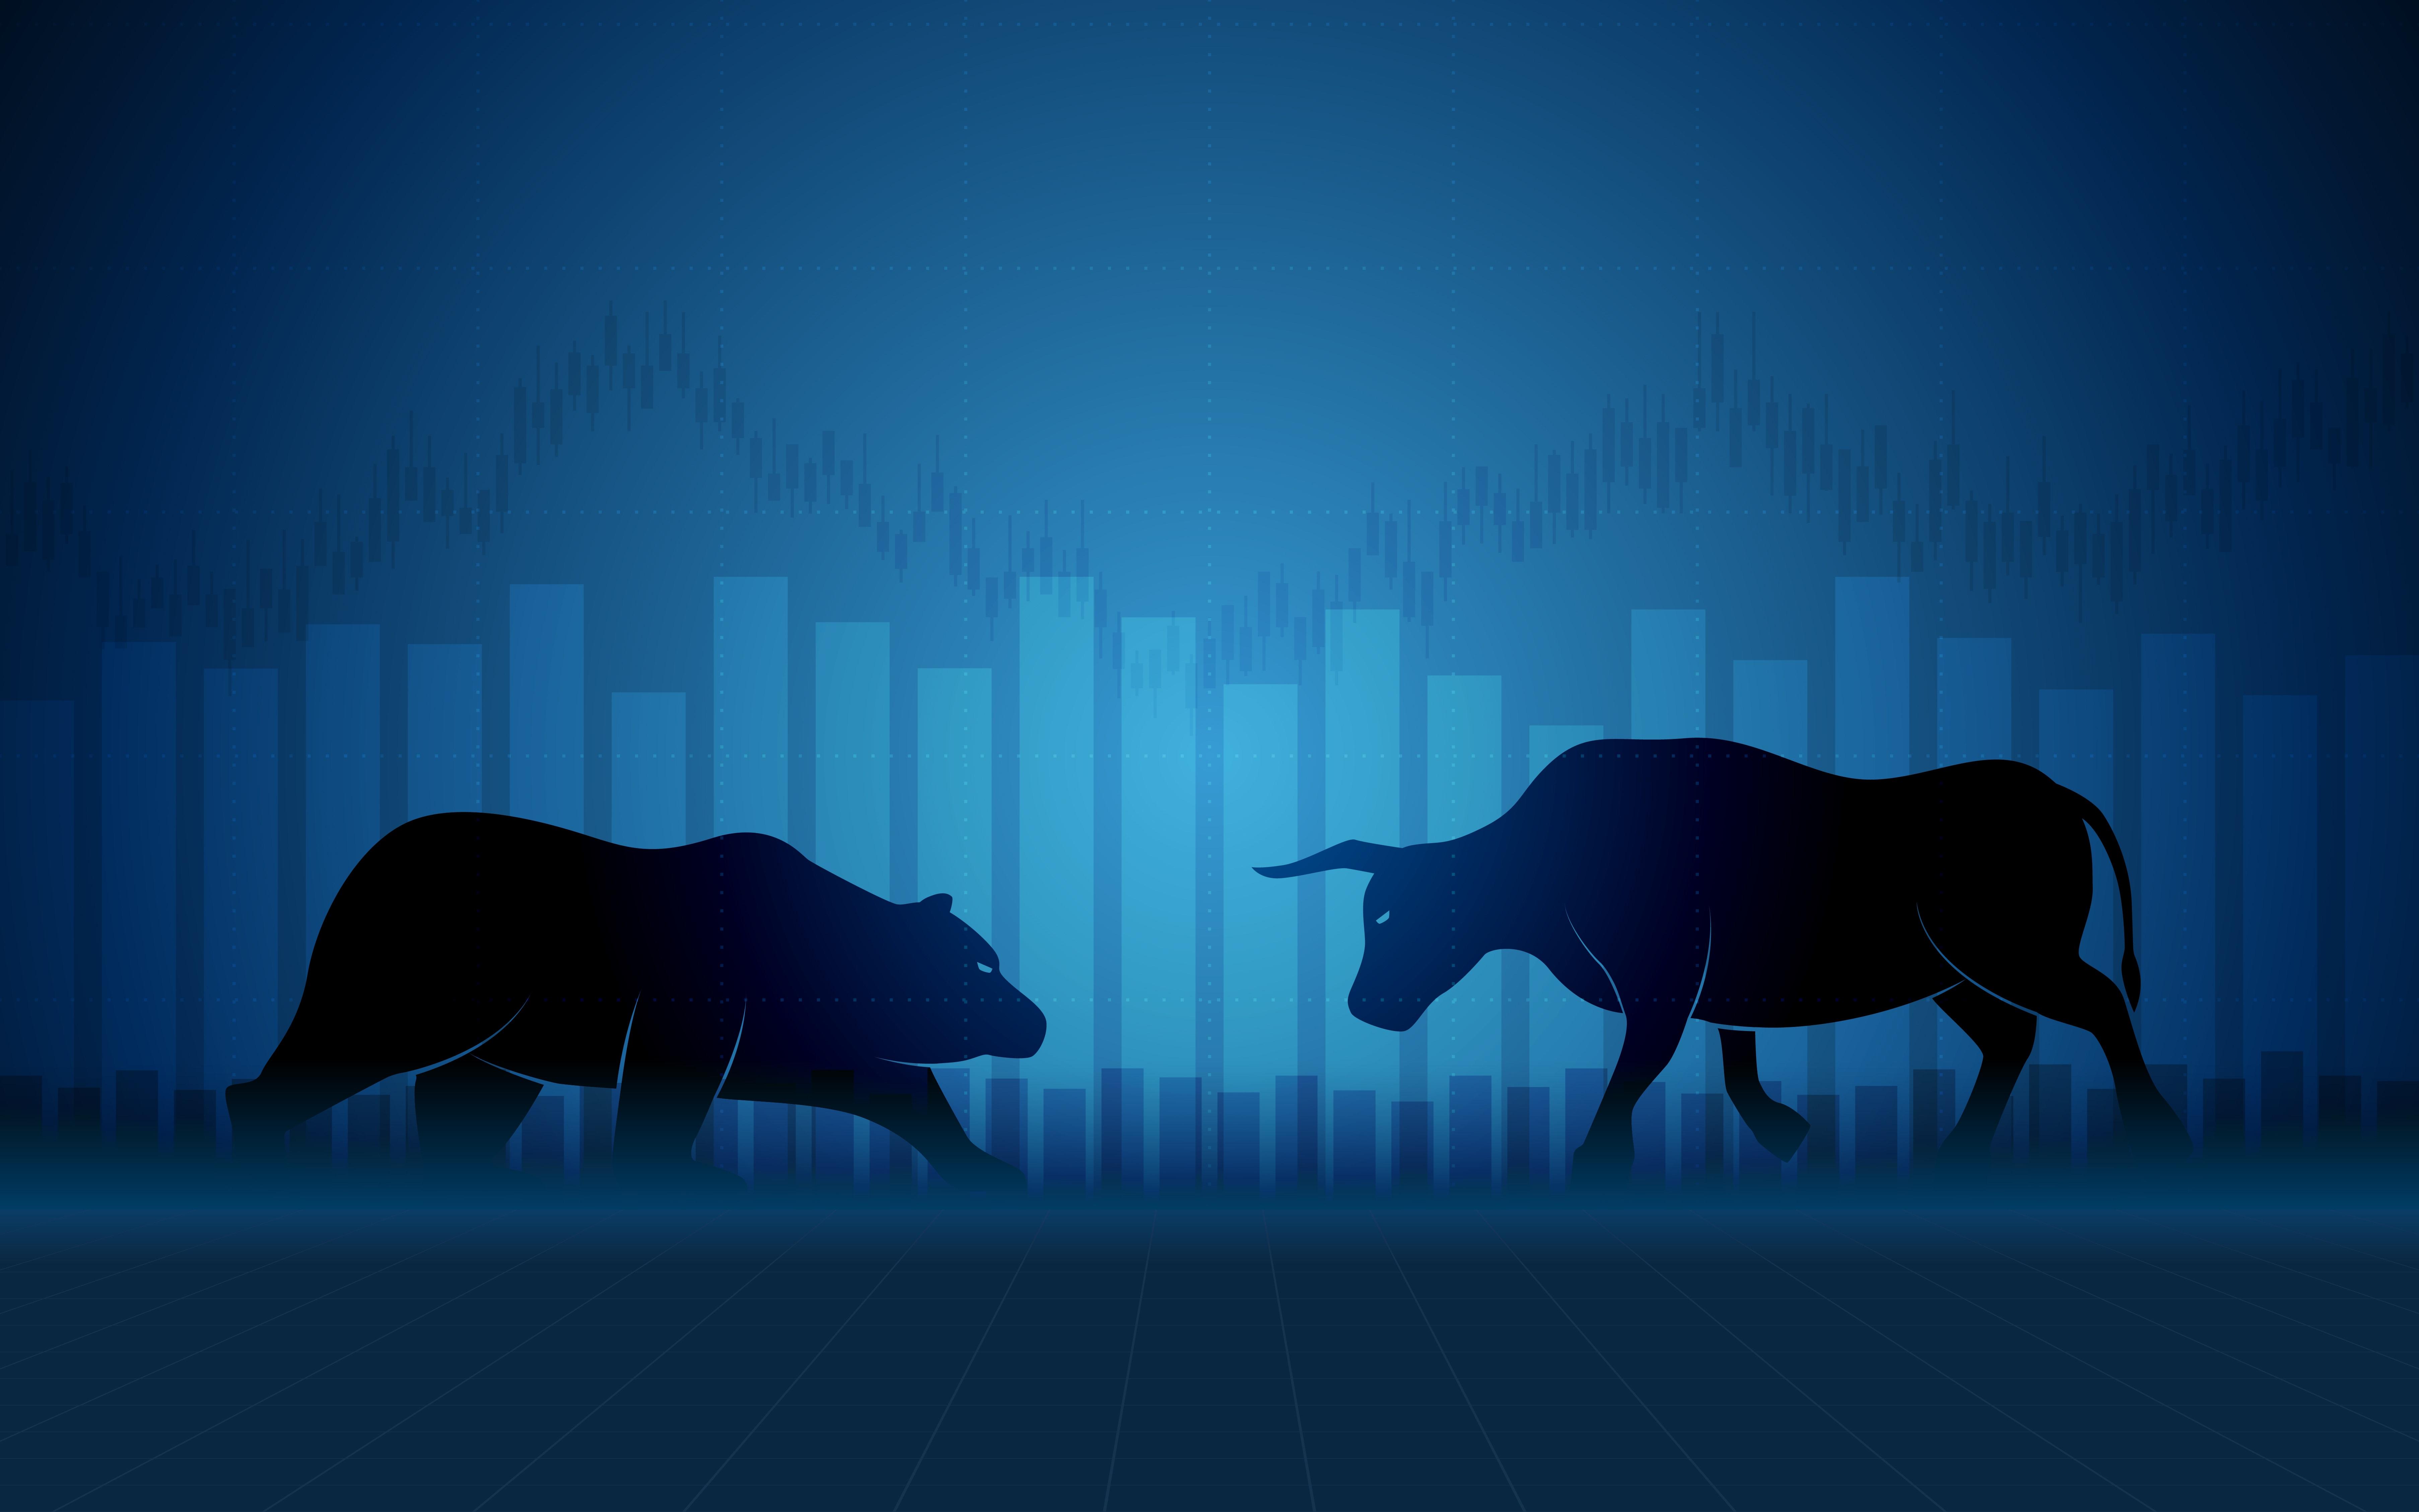 мотиваторы картинки бык и медведь этом основные